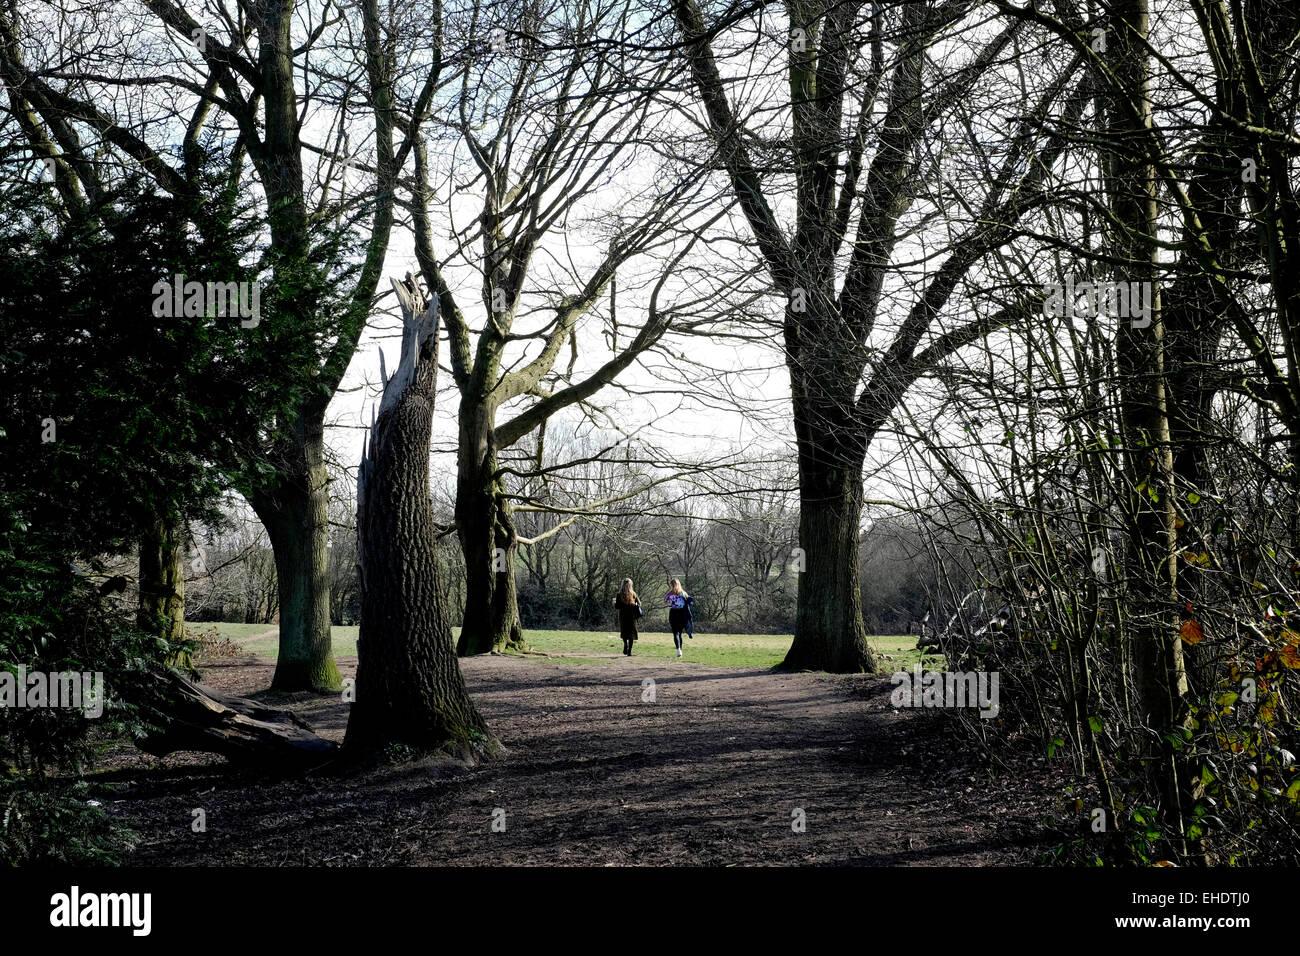 A rear view of two women walking in Hampstead Heath - Stock Image